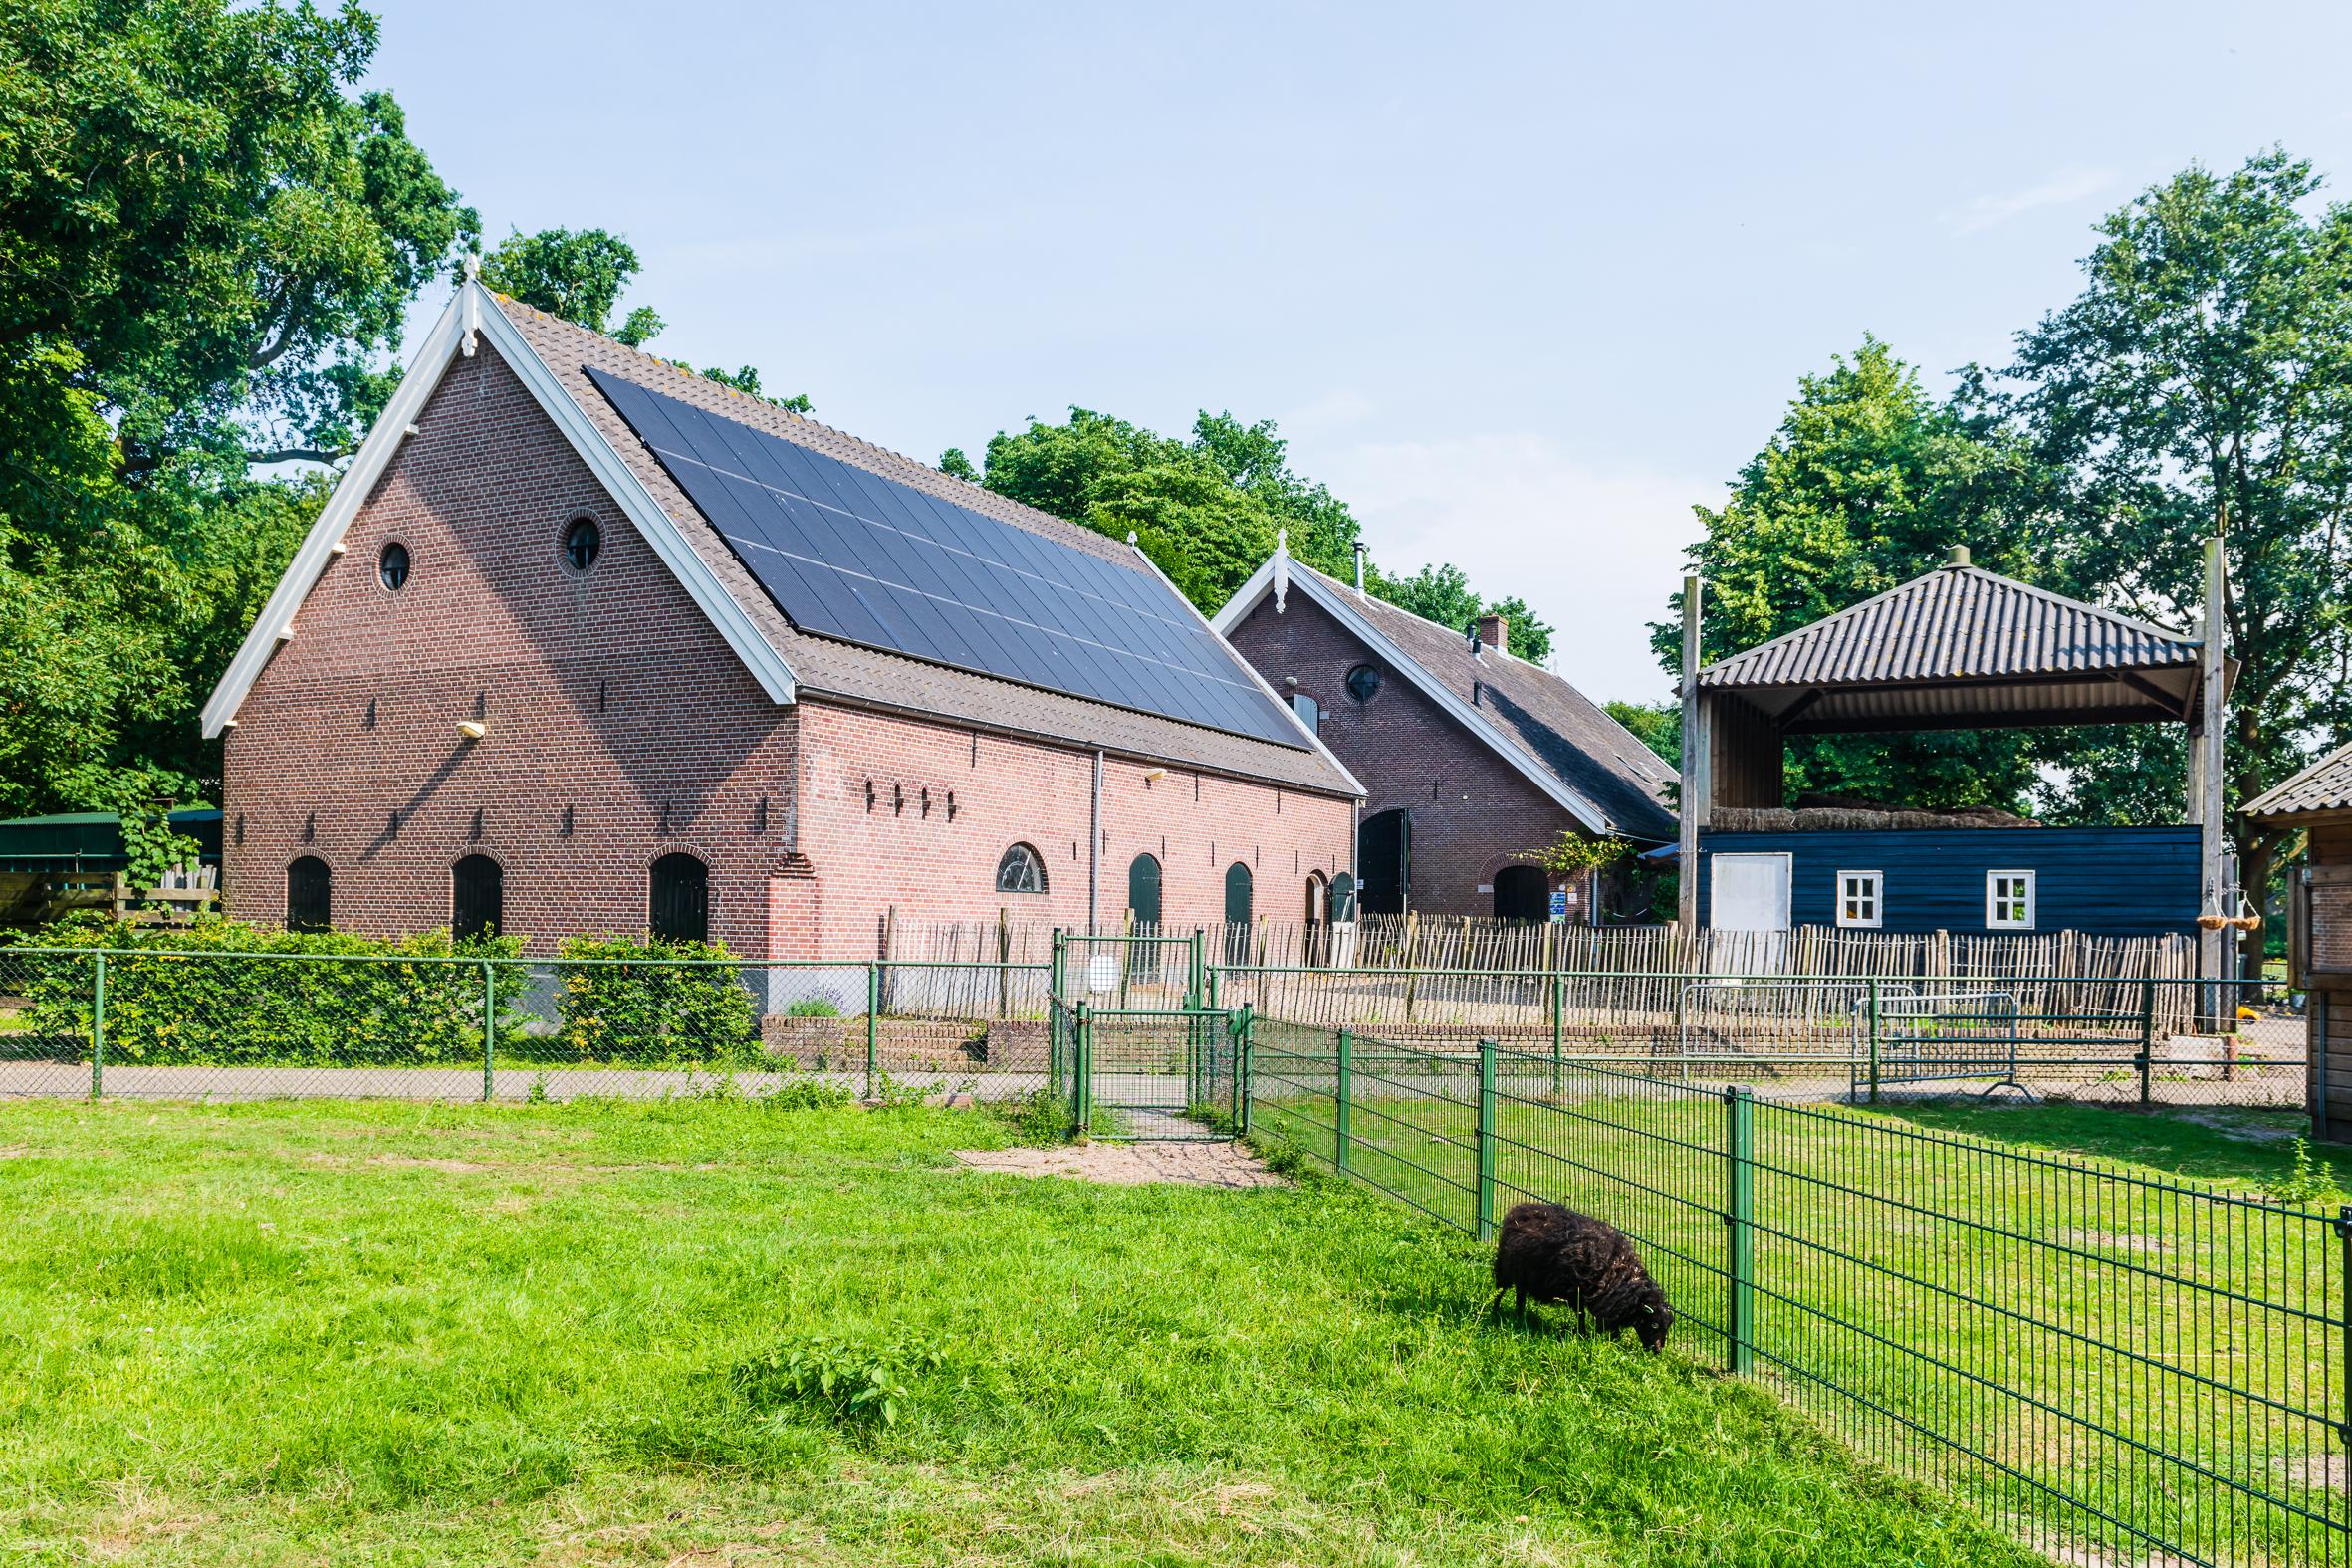 Kinderboerderij de Brink in Zeist voor activiteiten met kinderen